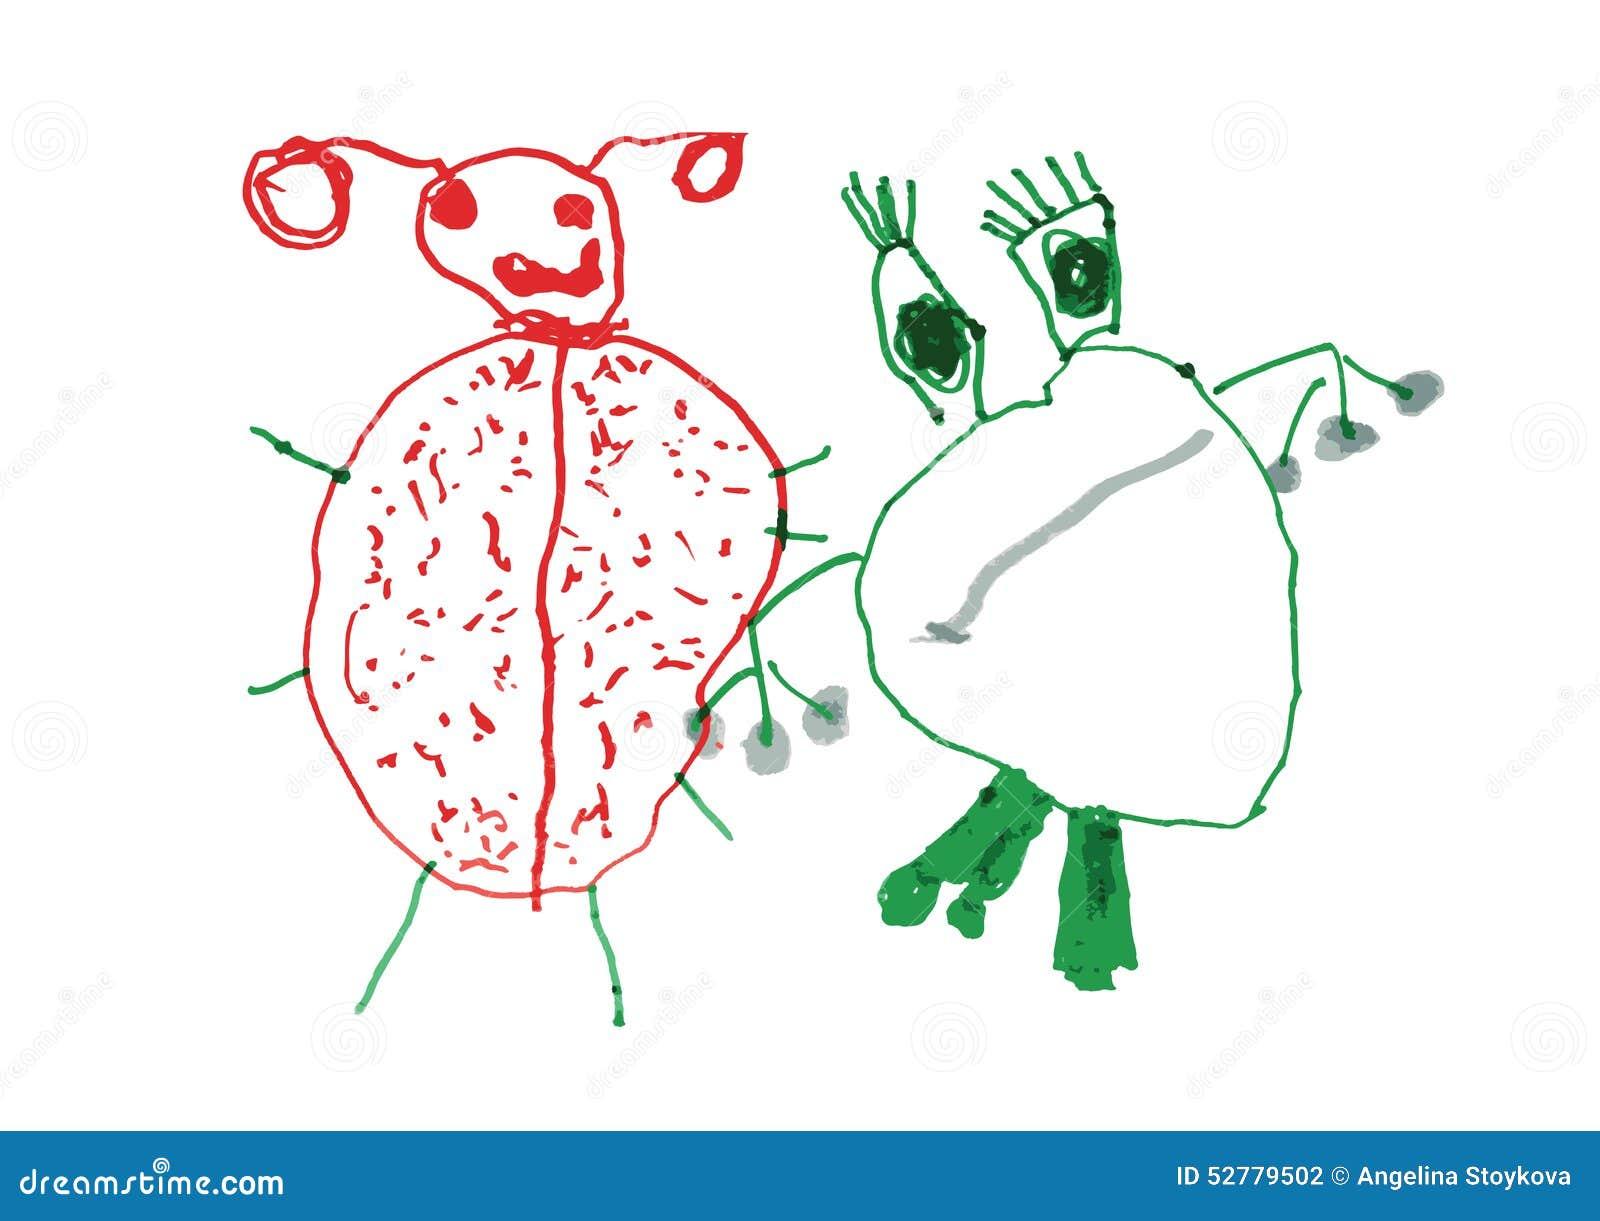 Disegno Del Bambino Del Ladybug Della Rana Illustrazione